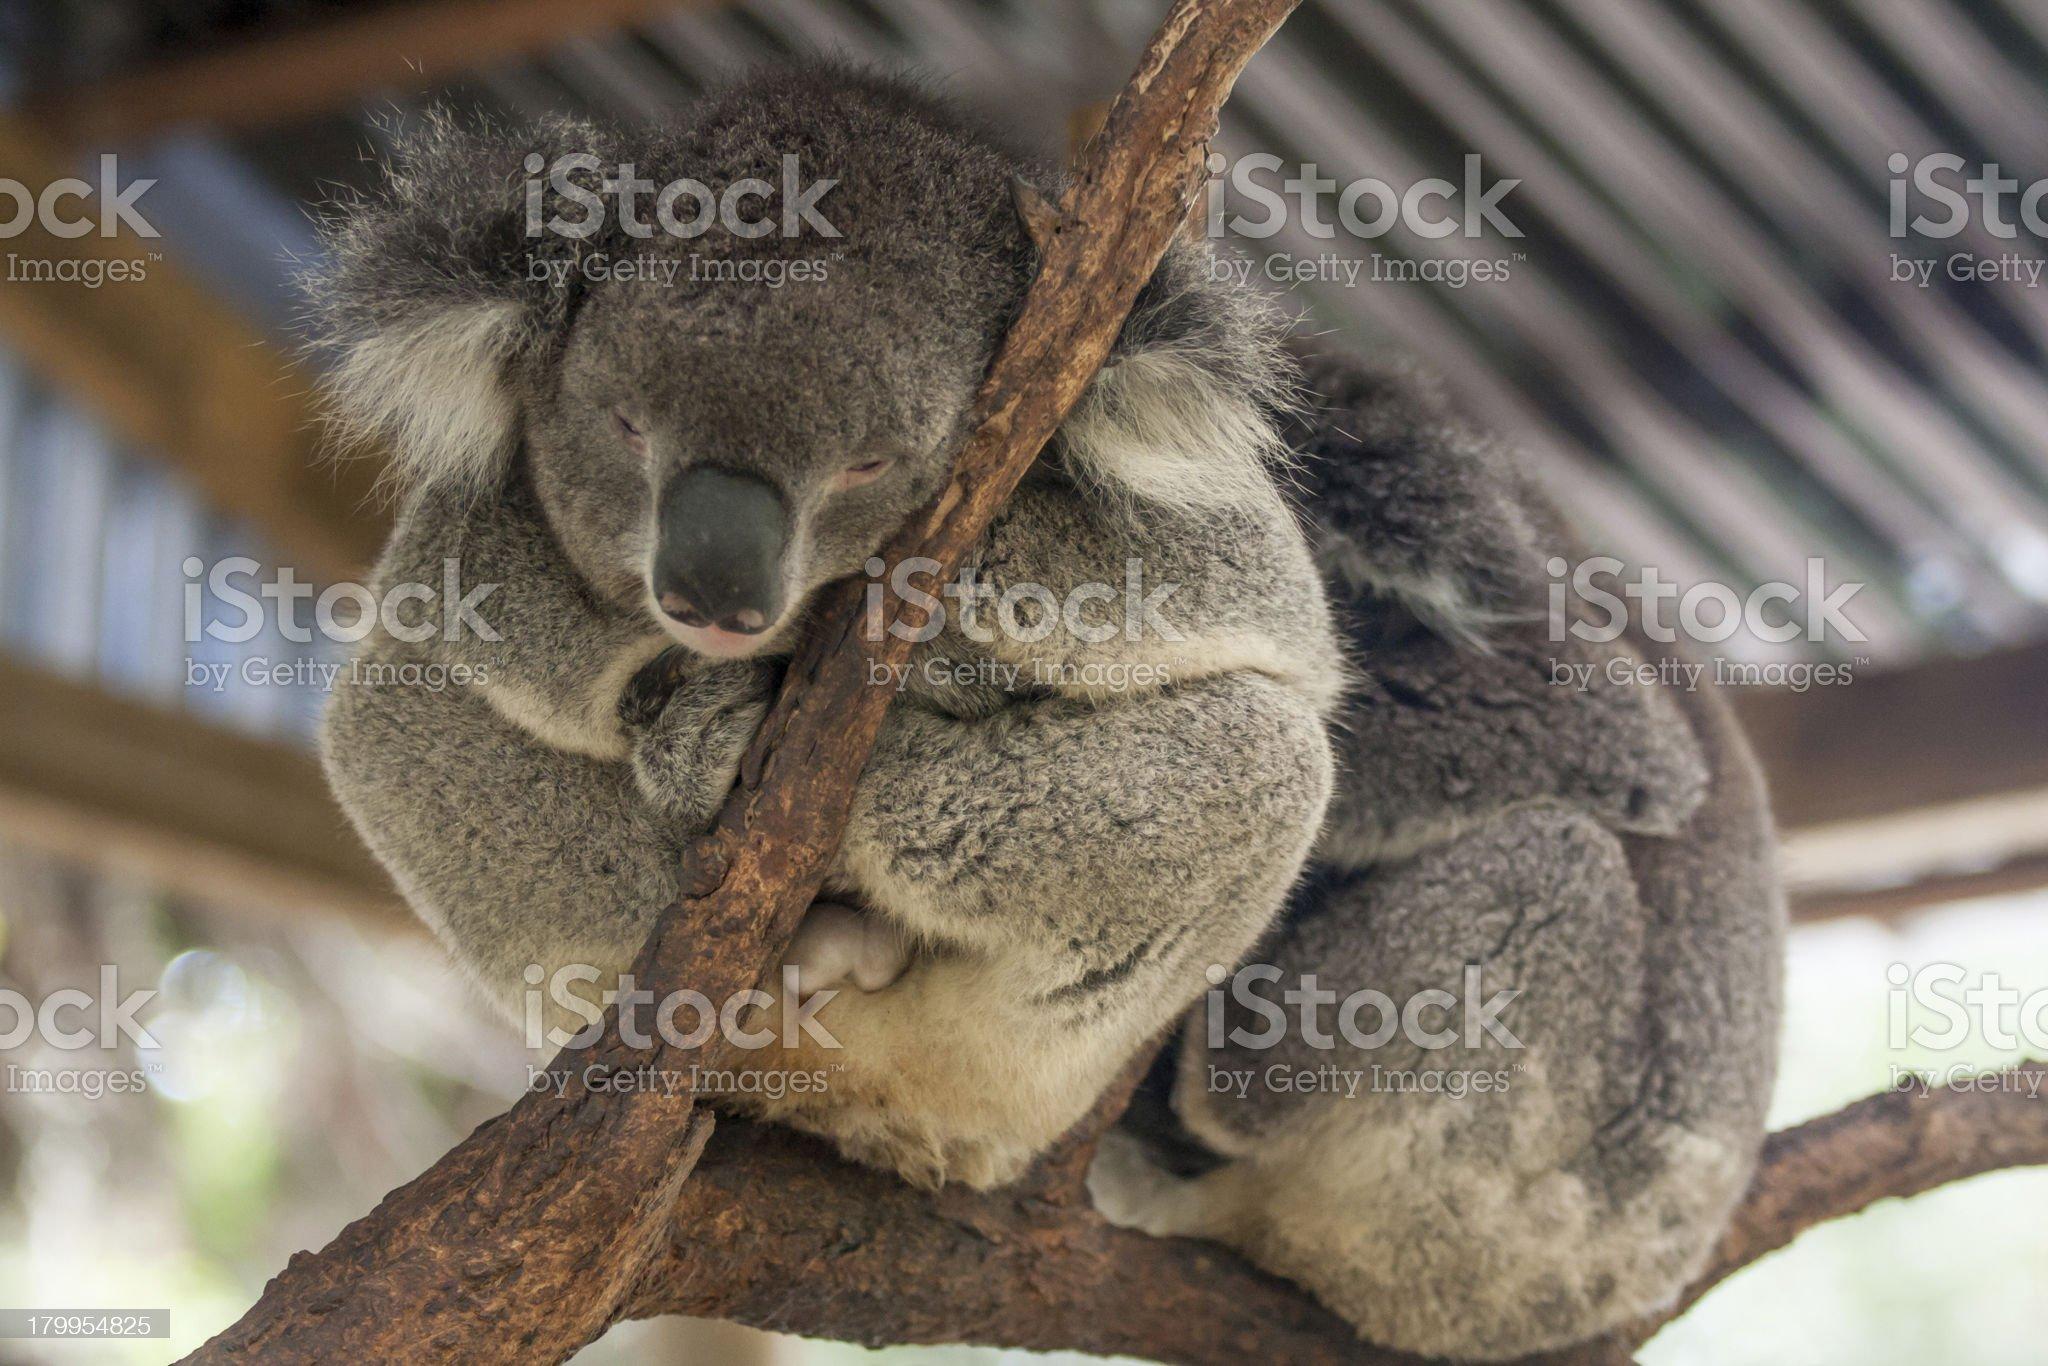 Sleepy koala bear from zoo in Sydney, Australia. royalty-free stock photo